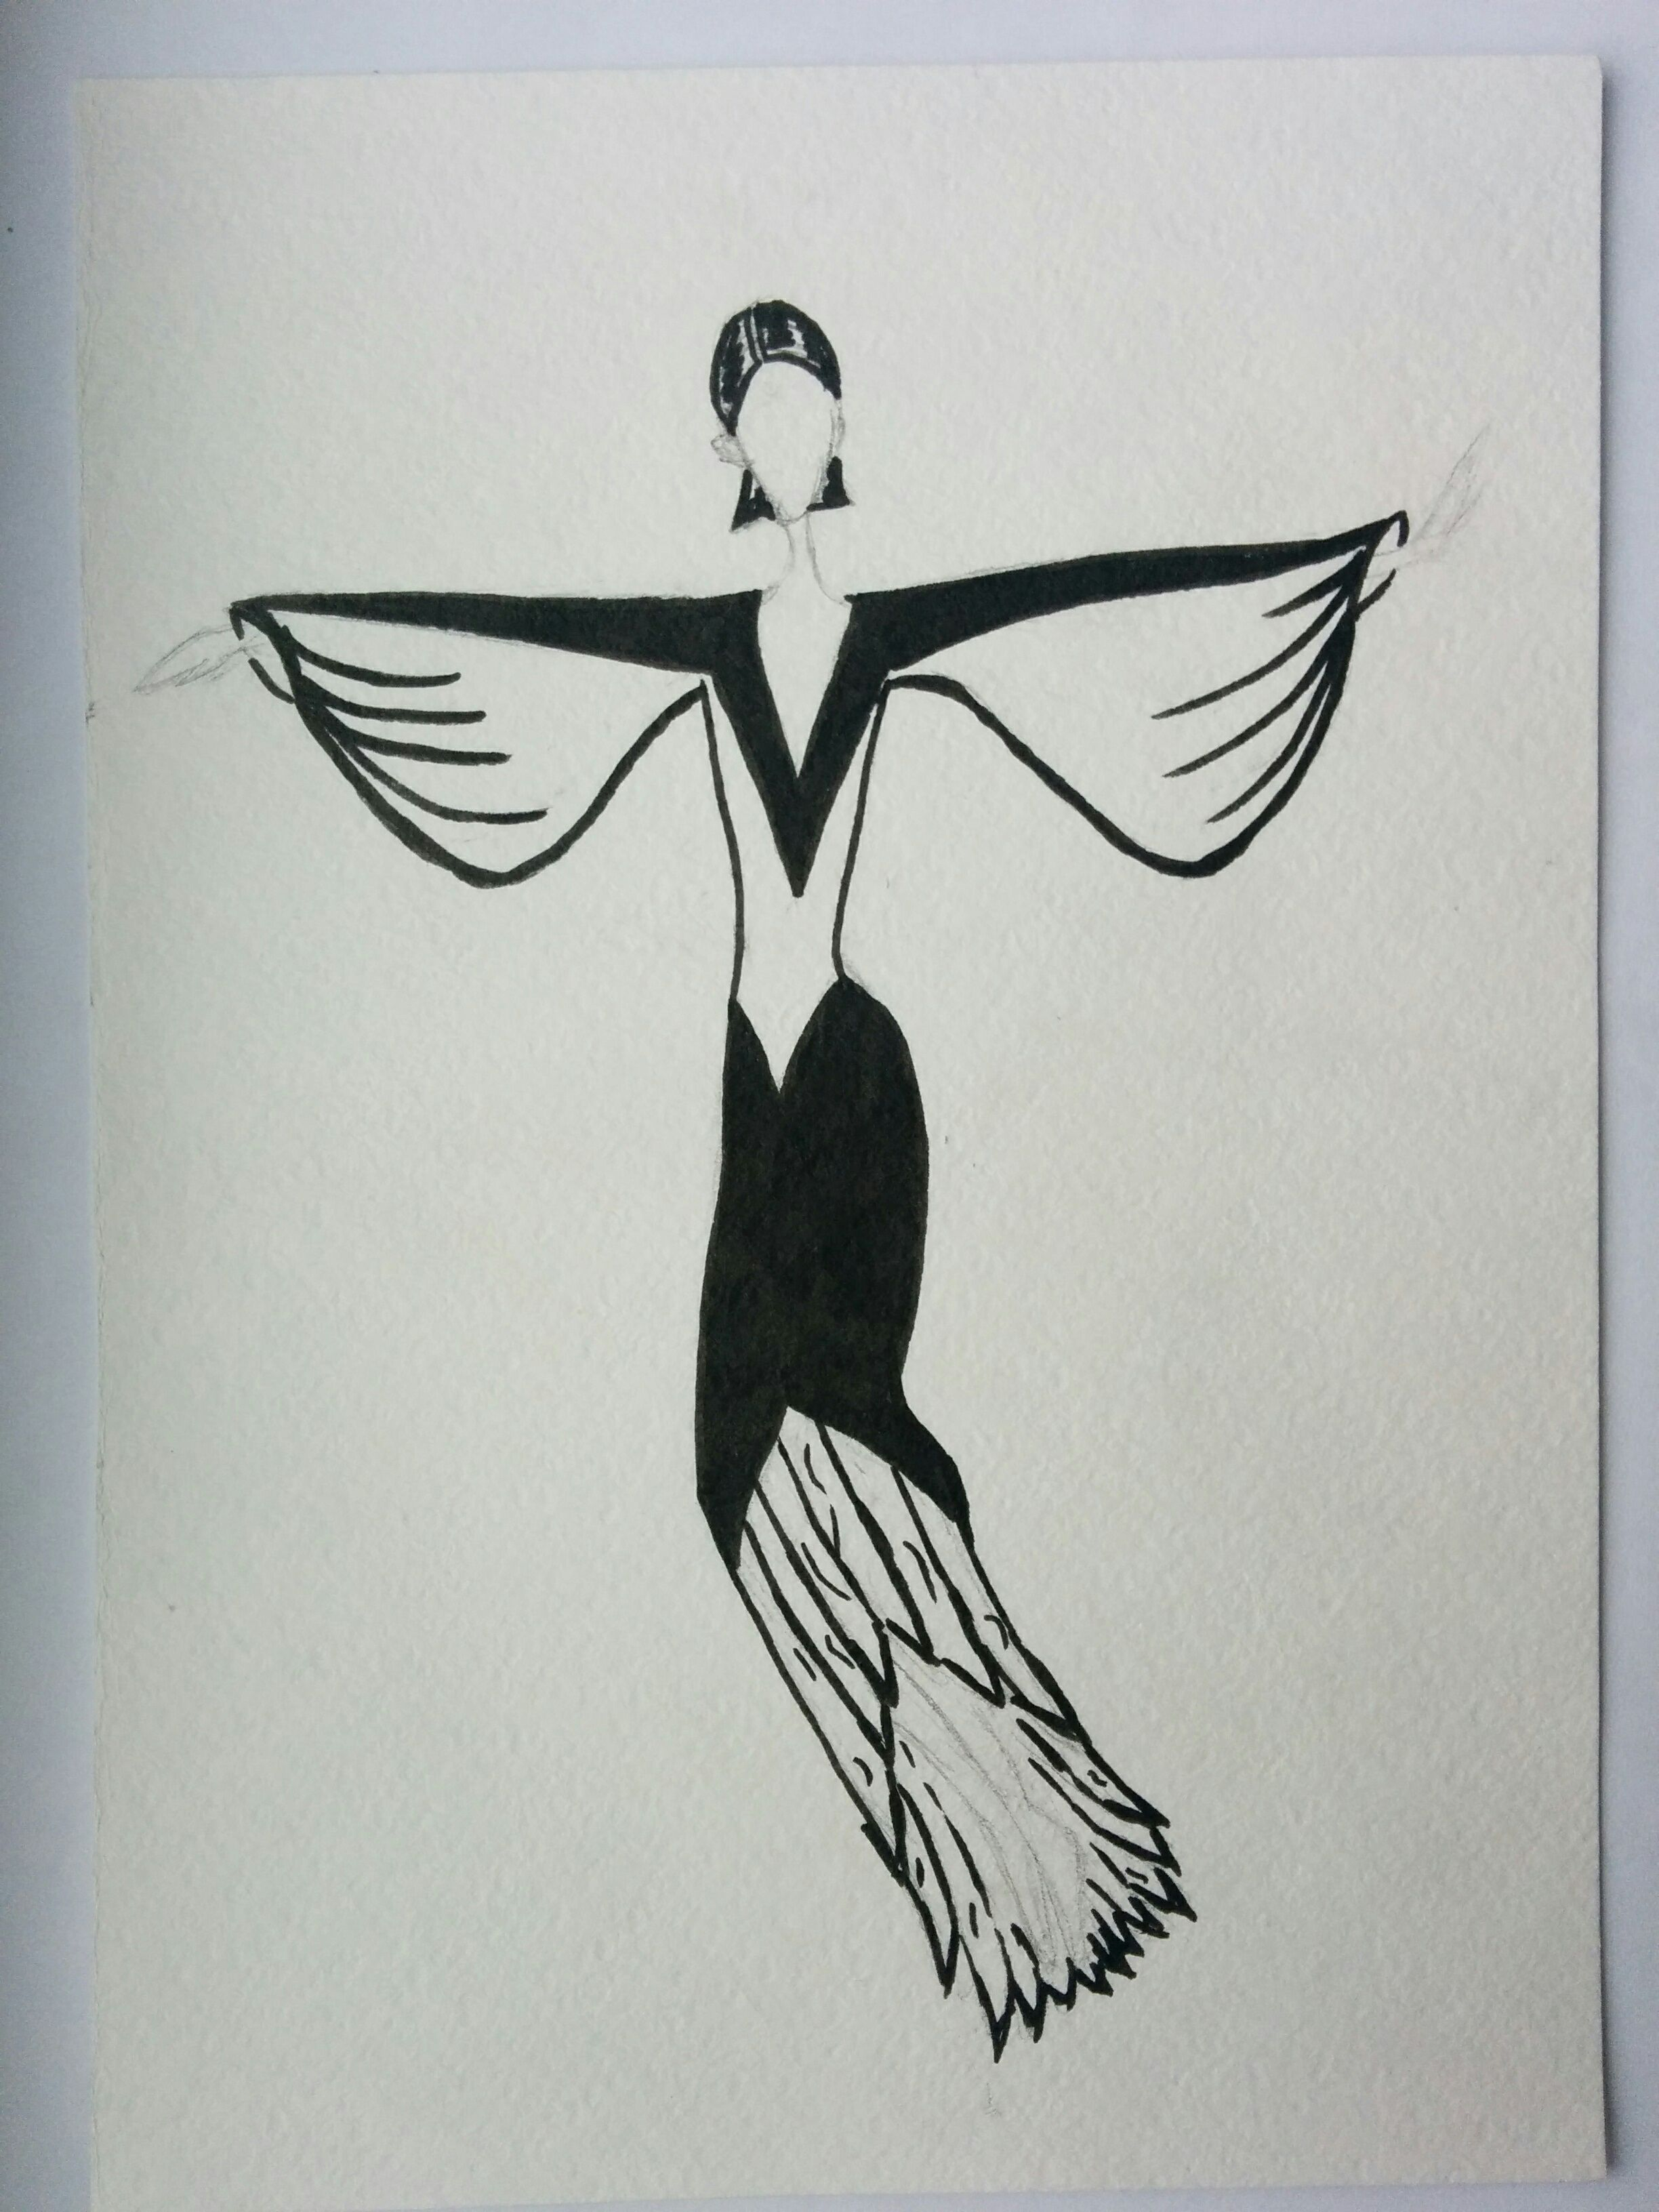 """""""Сорока на хвосте принесла"""". Сорока - переносчик заражения. Размышления о птичьих формах в одежде."""